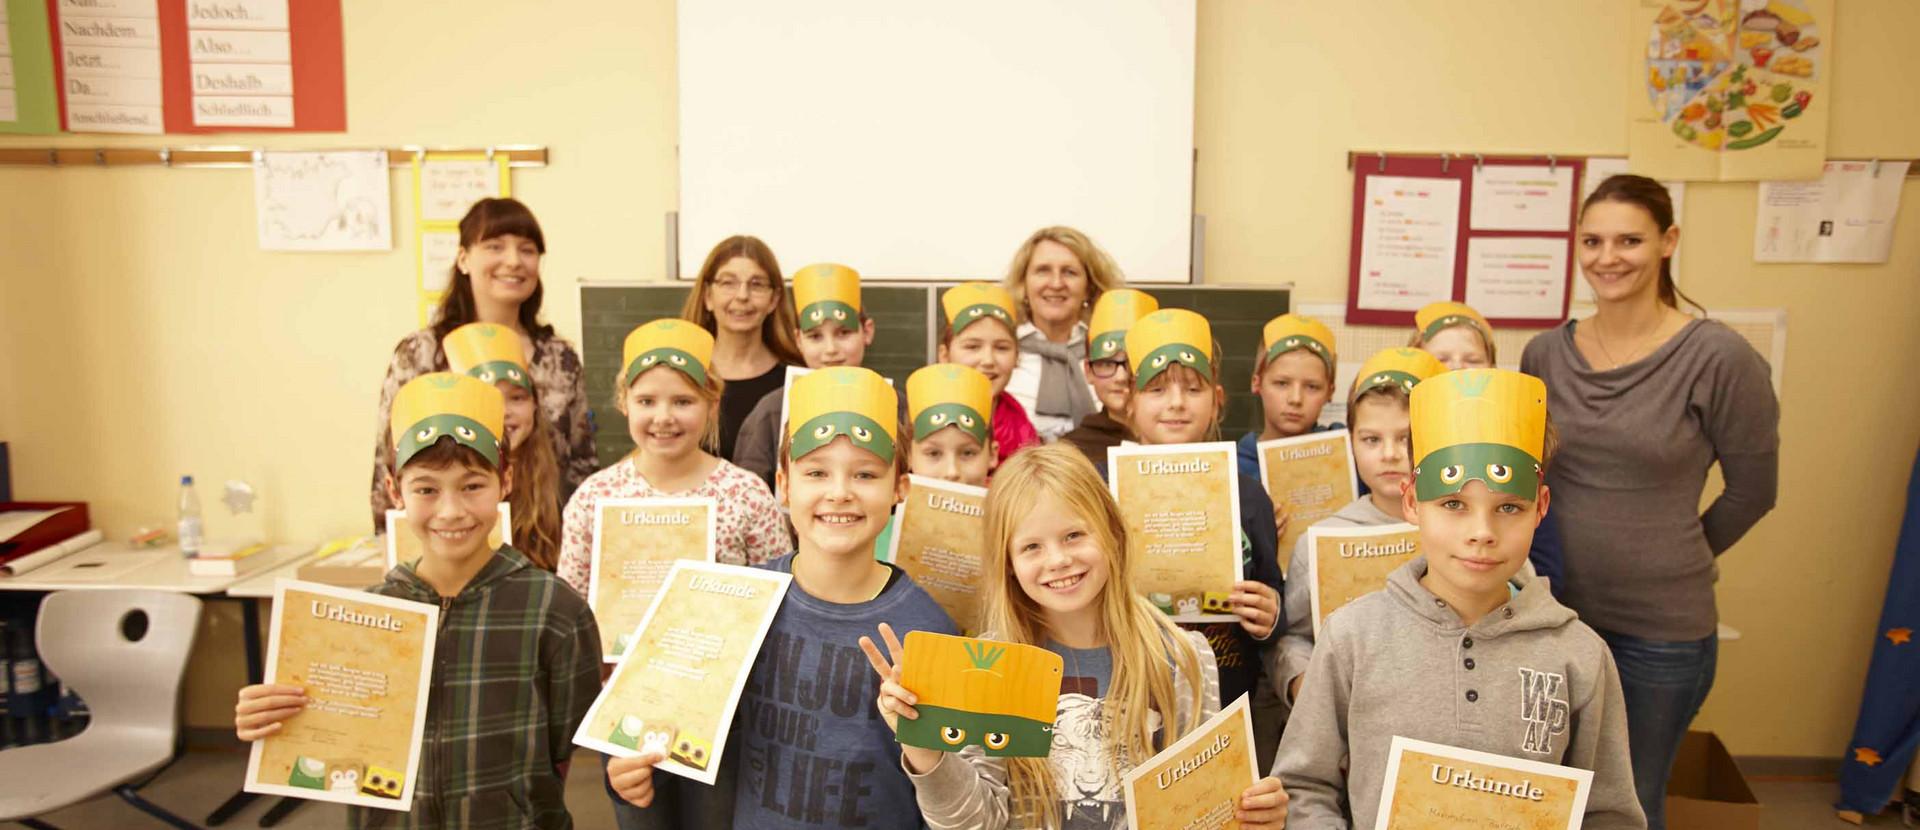 Gruppe Kinder mit Urkunden in den Händen